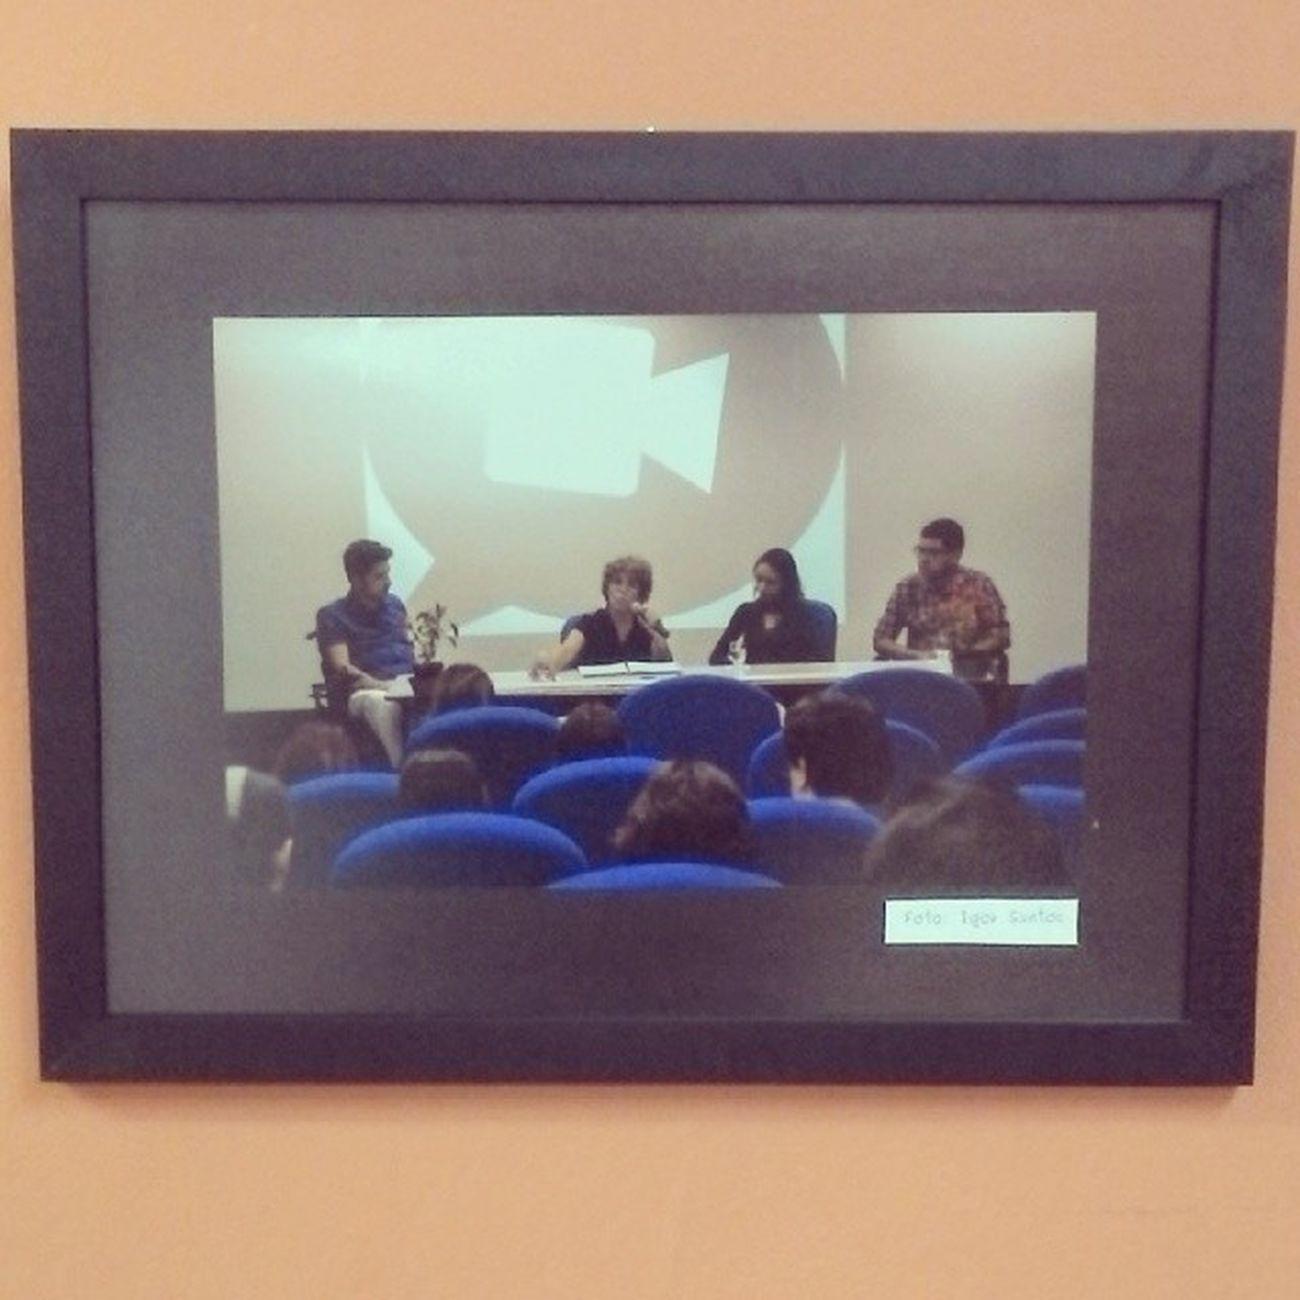 Tem foto minha em exposição na coordenação do Jornalismo Ufms